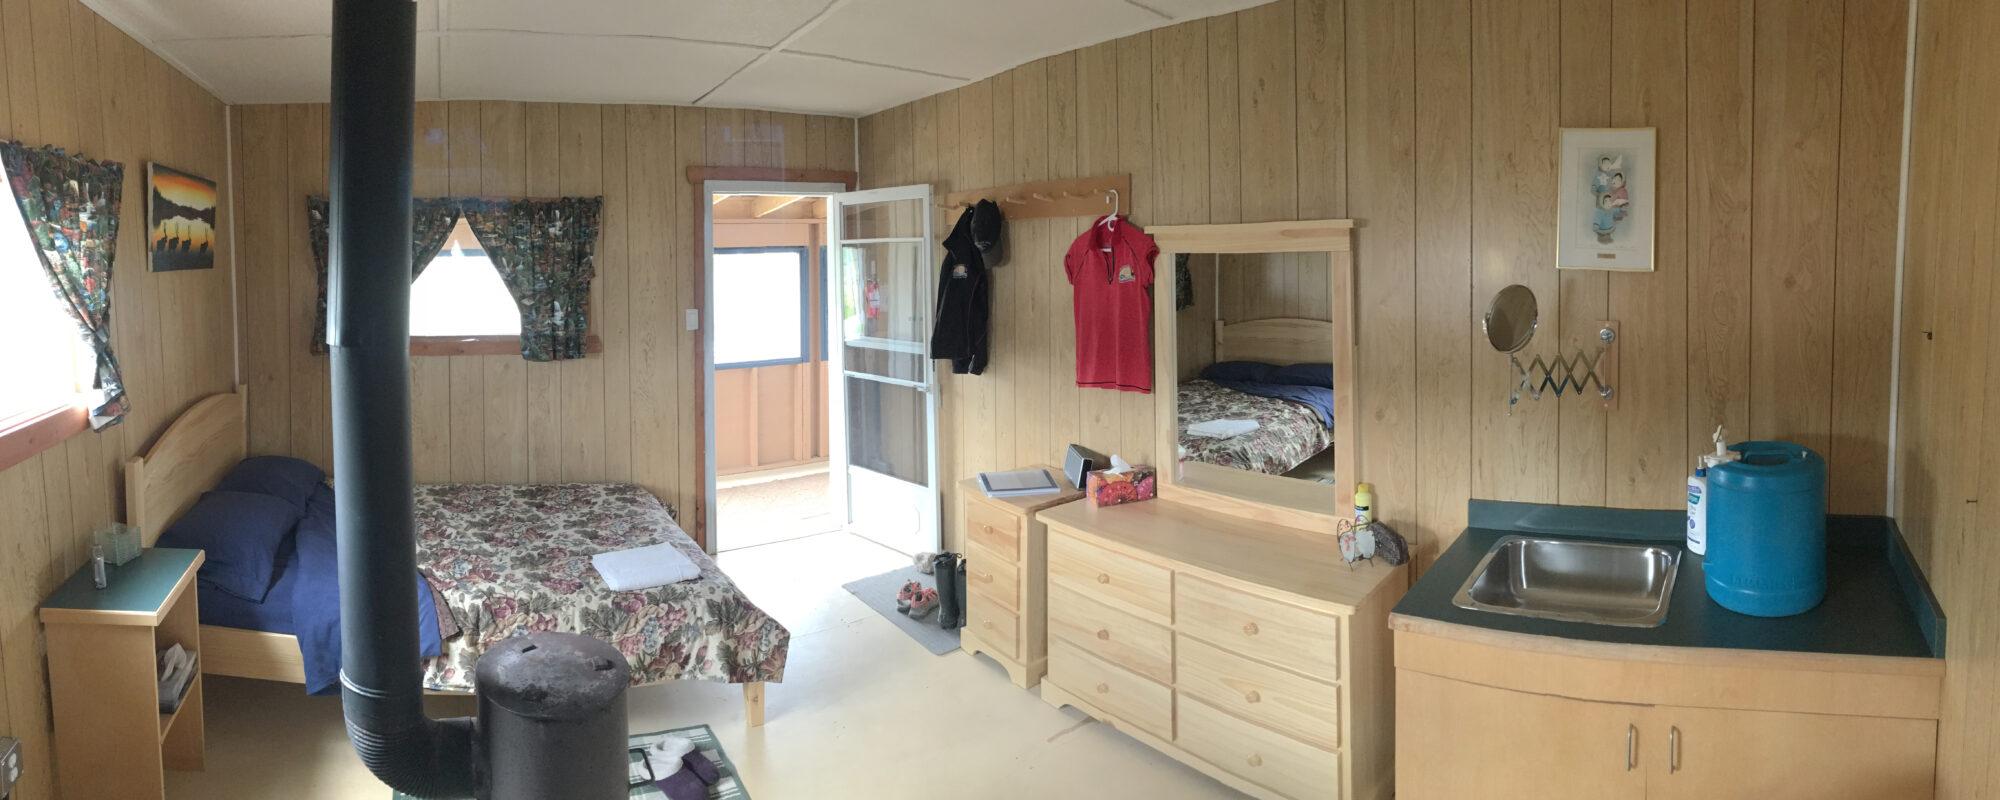 Inside Cabin Suite Queen bed and dresser, mirror and vanity